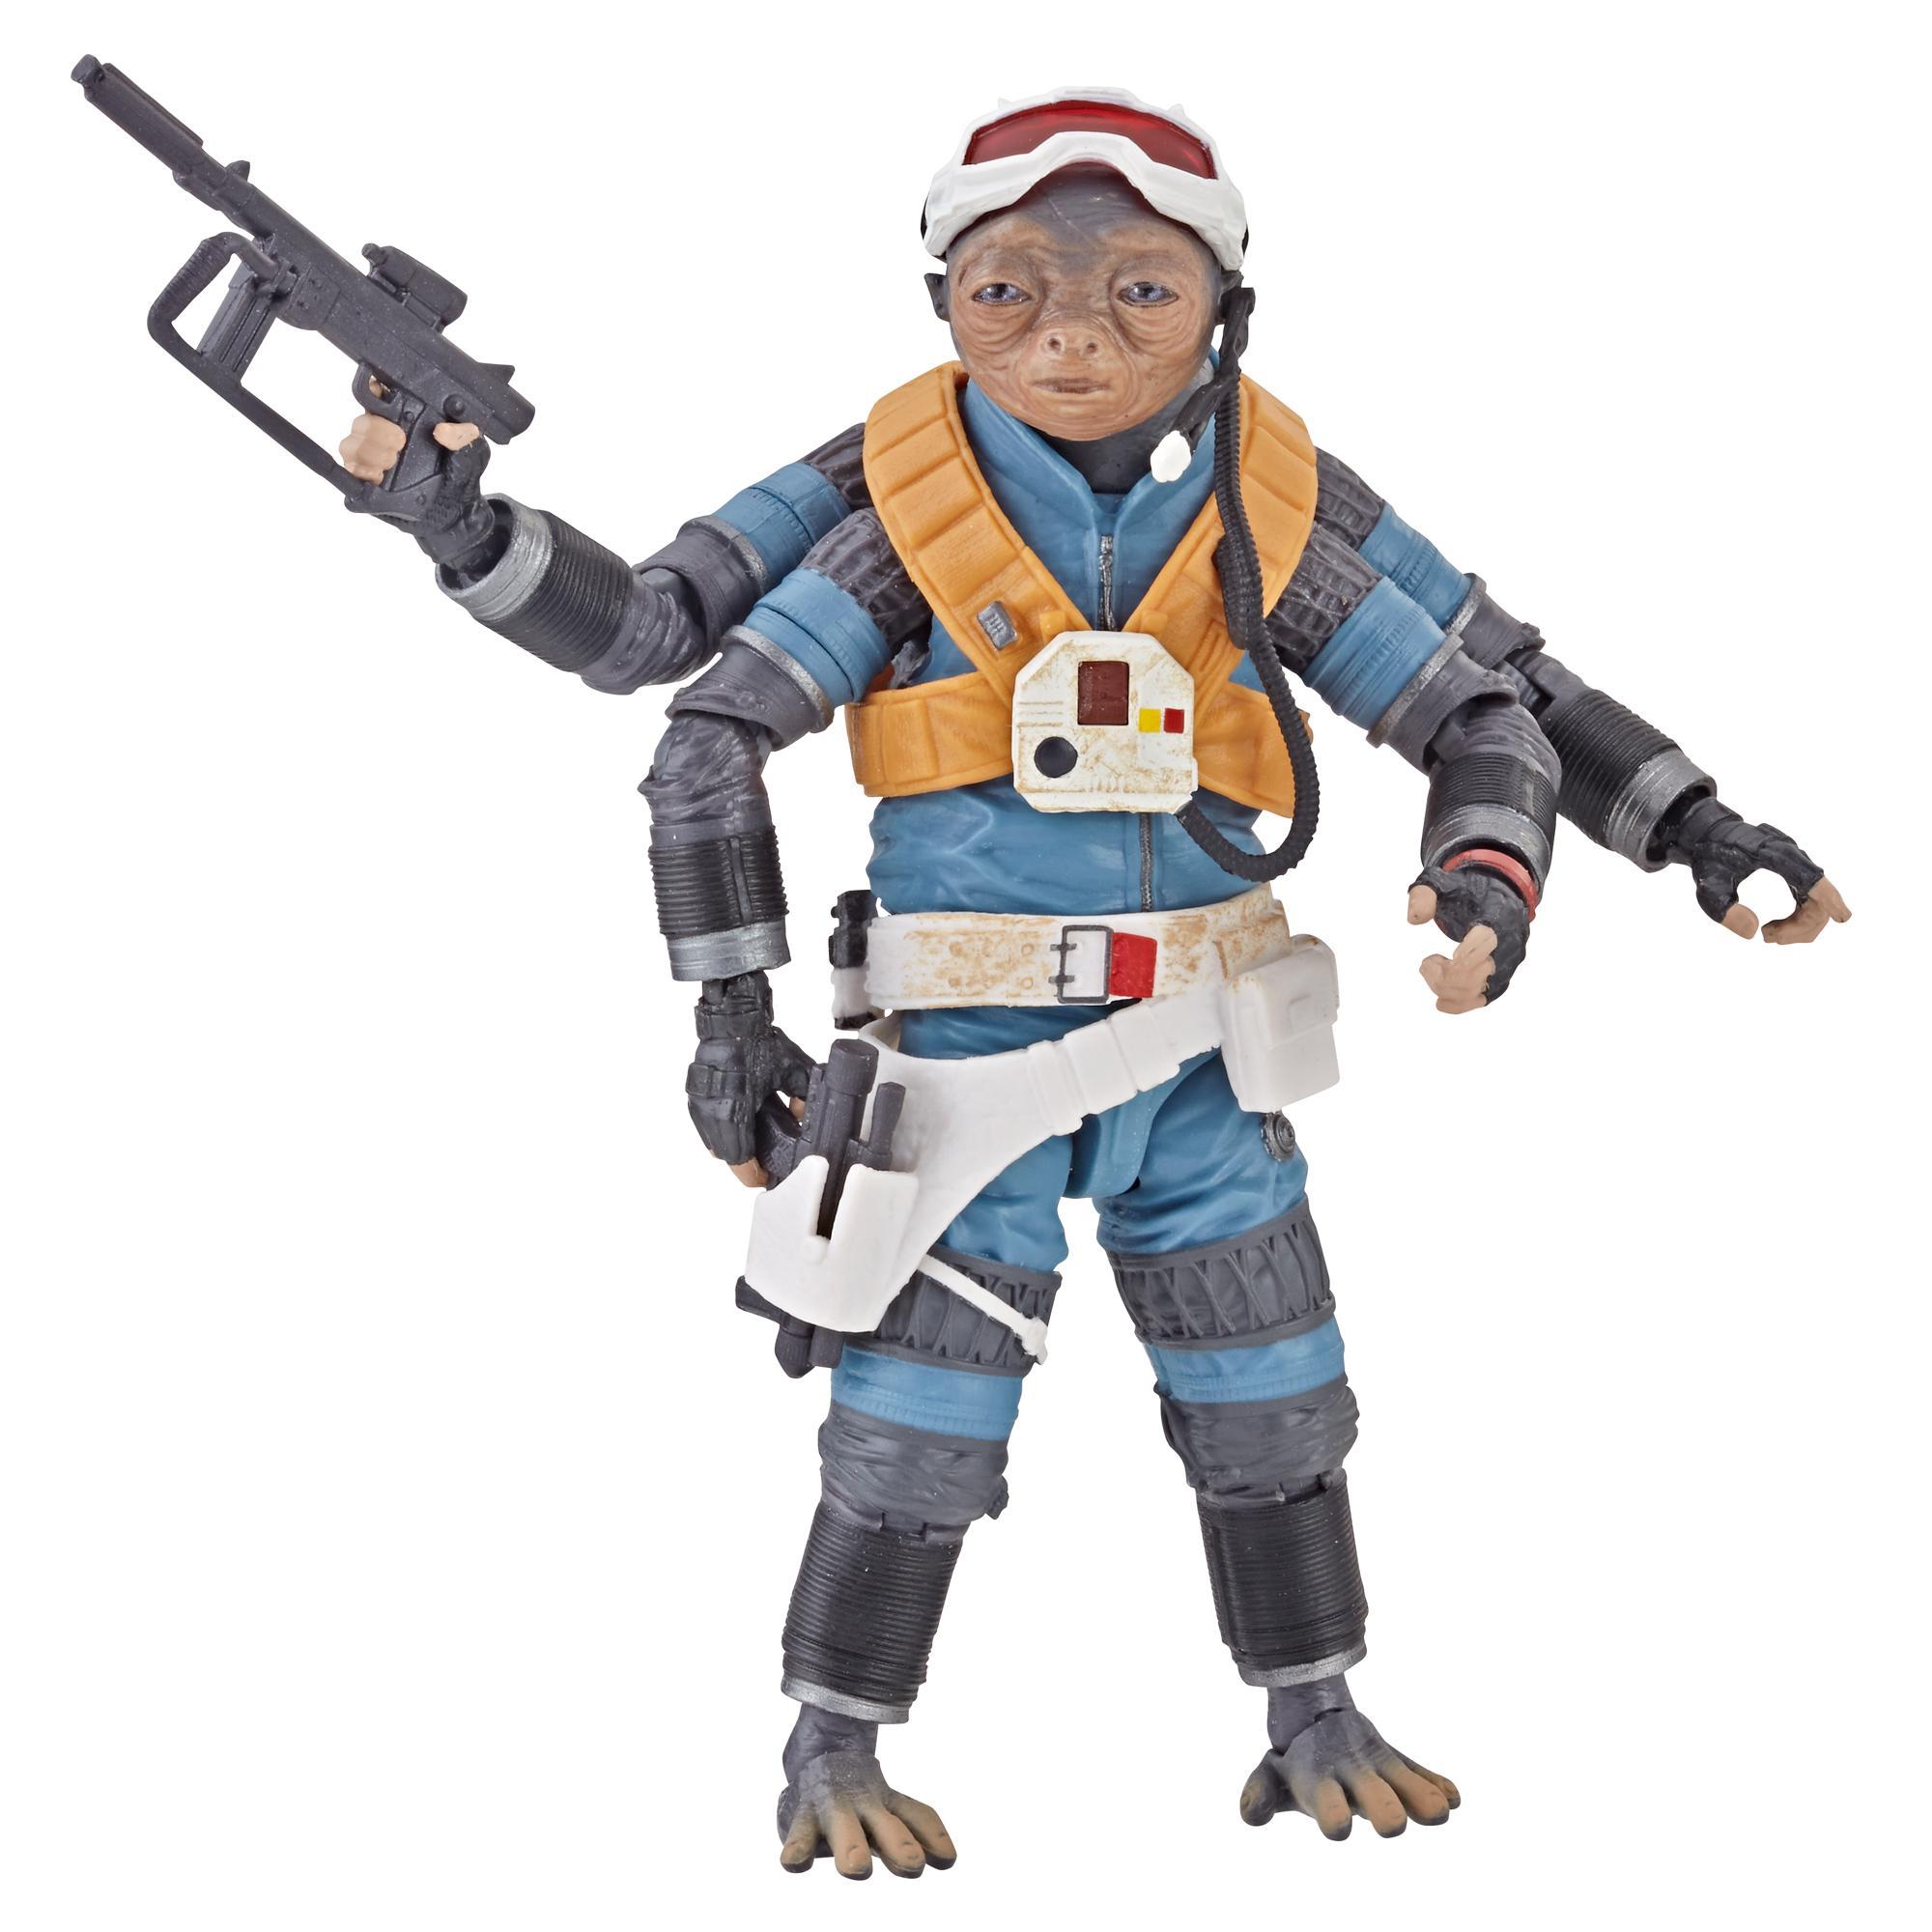 Star Wars Série noire - Figurine Rio Durant de 15 cm